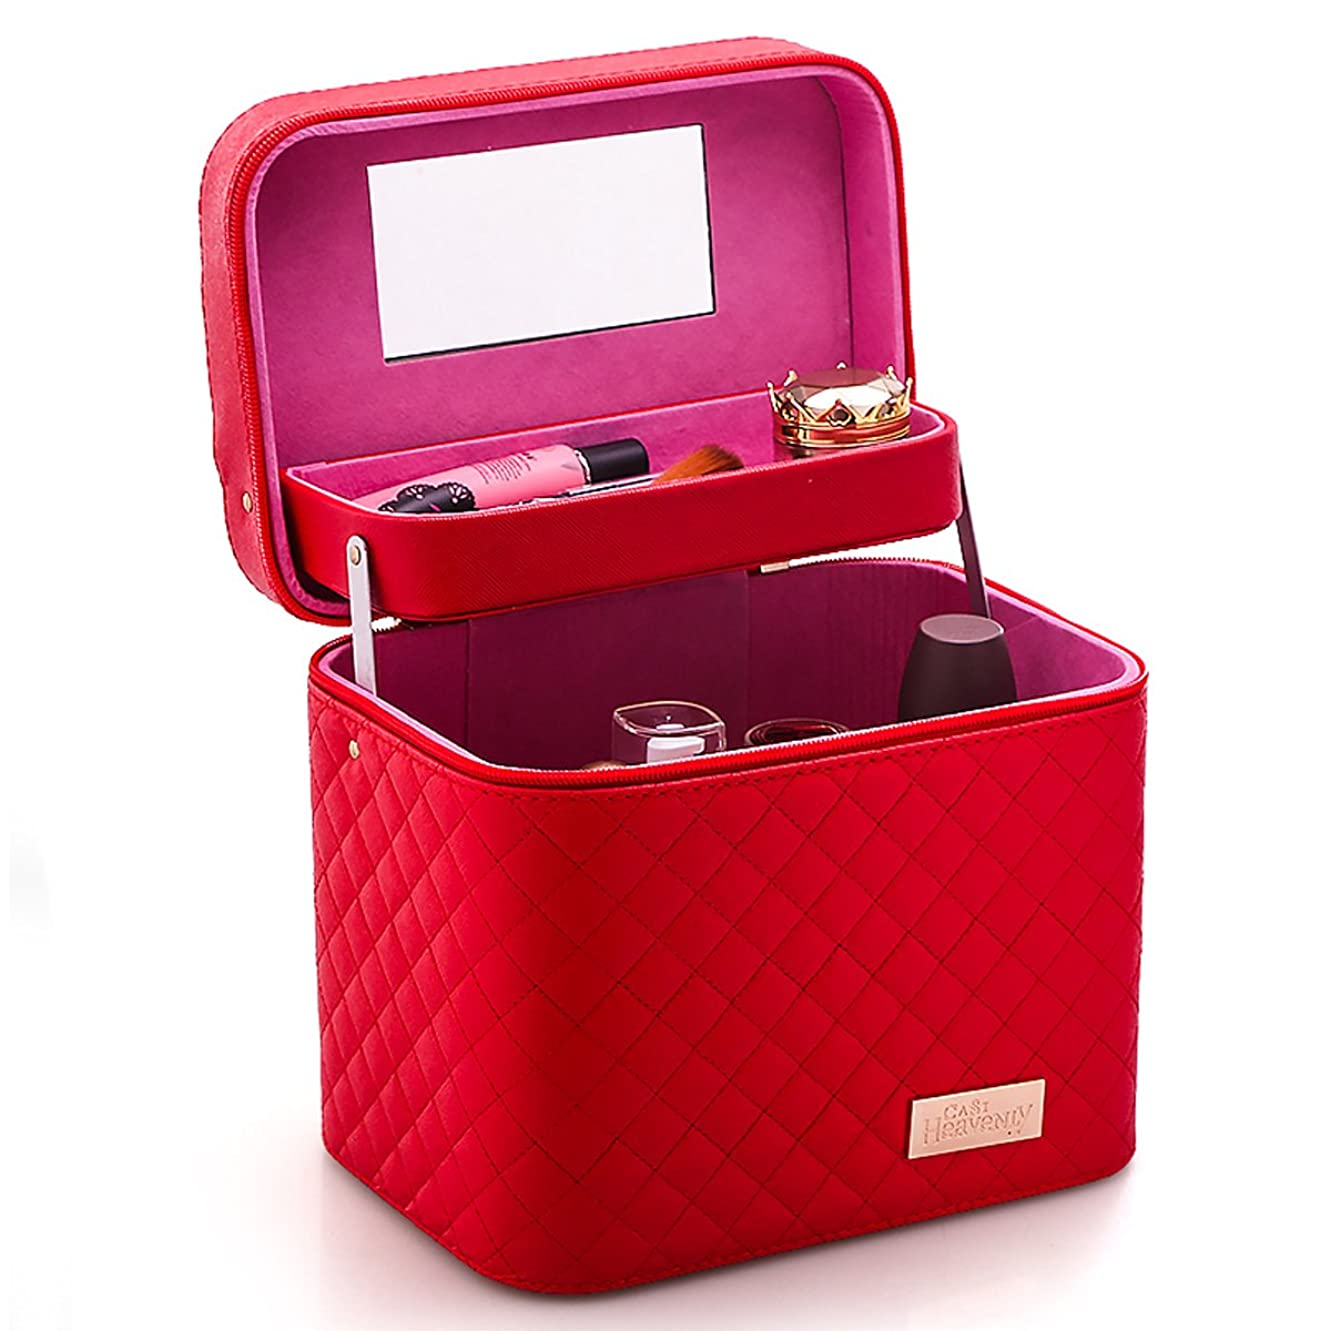 肯定的熟した限りなく化粧品収納ボックス 化粧品ケース メイクボックス メイクボックス コスメボックス 大容量 収納ケース 小物入れ 大容量 取っ手付 (レッド)